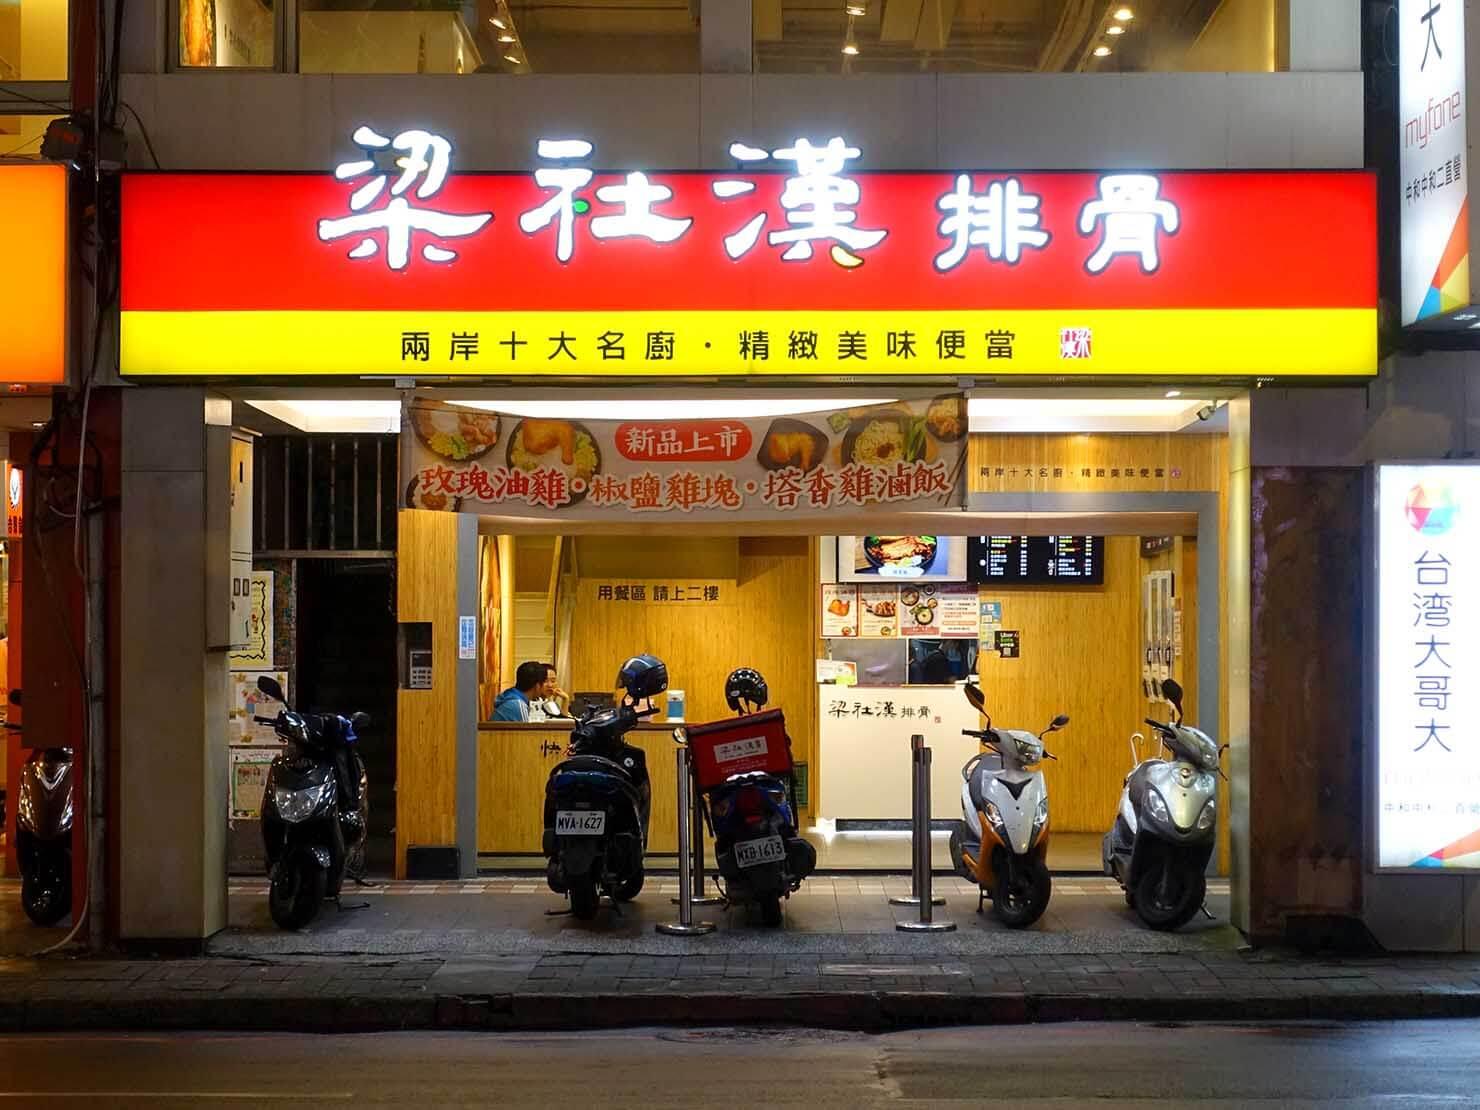 台湾のグルメチェーン店「梁社漢排骨」の外観